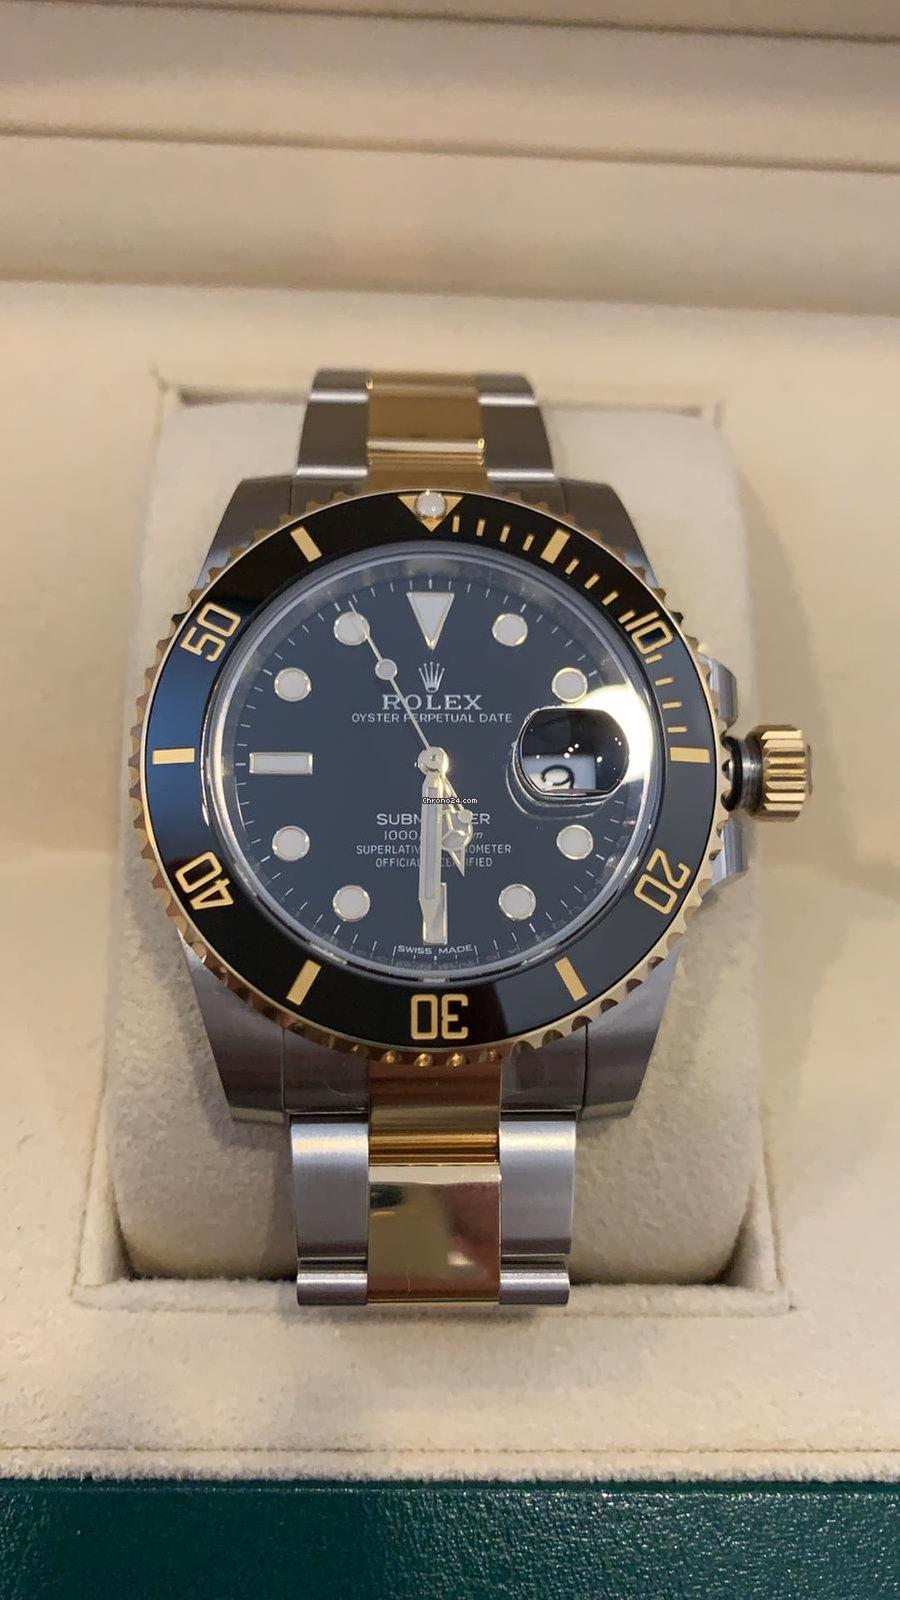 849cfa3449c0 Rolex Submariner Date